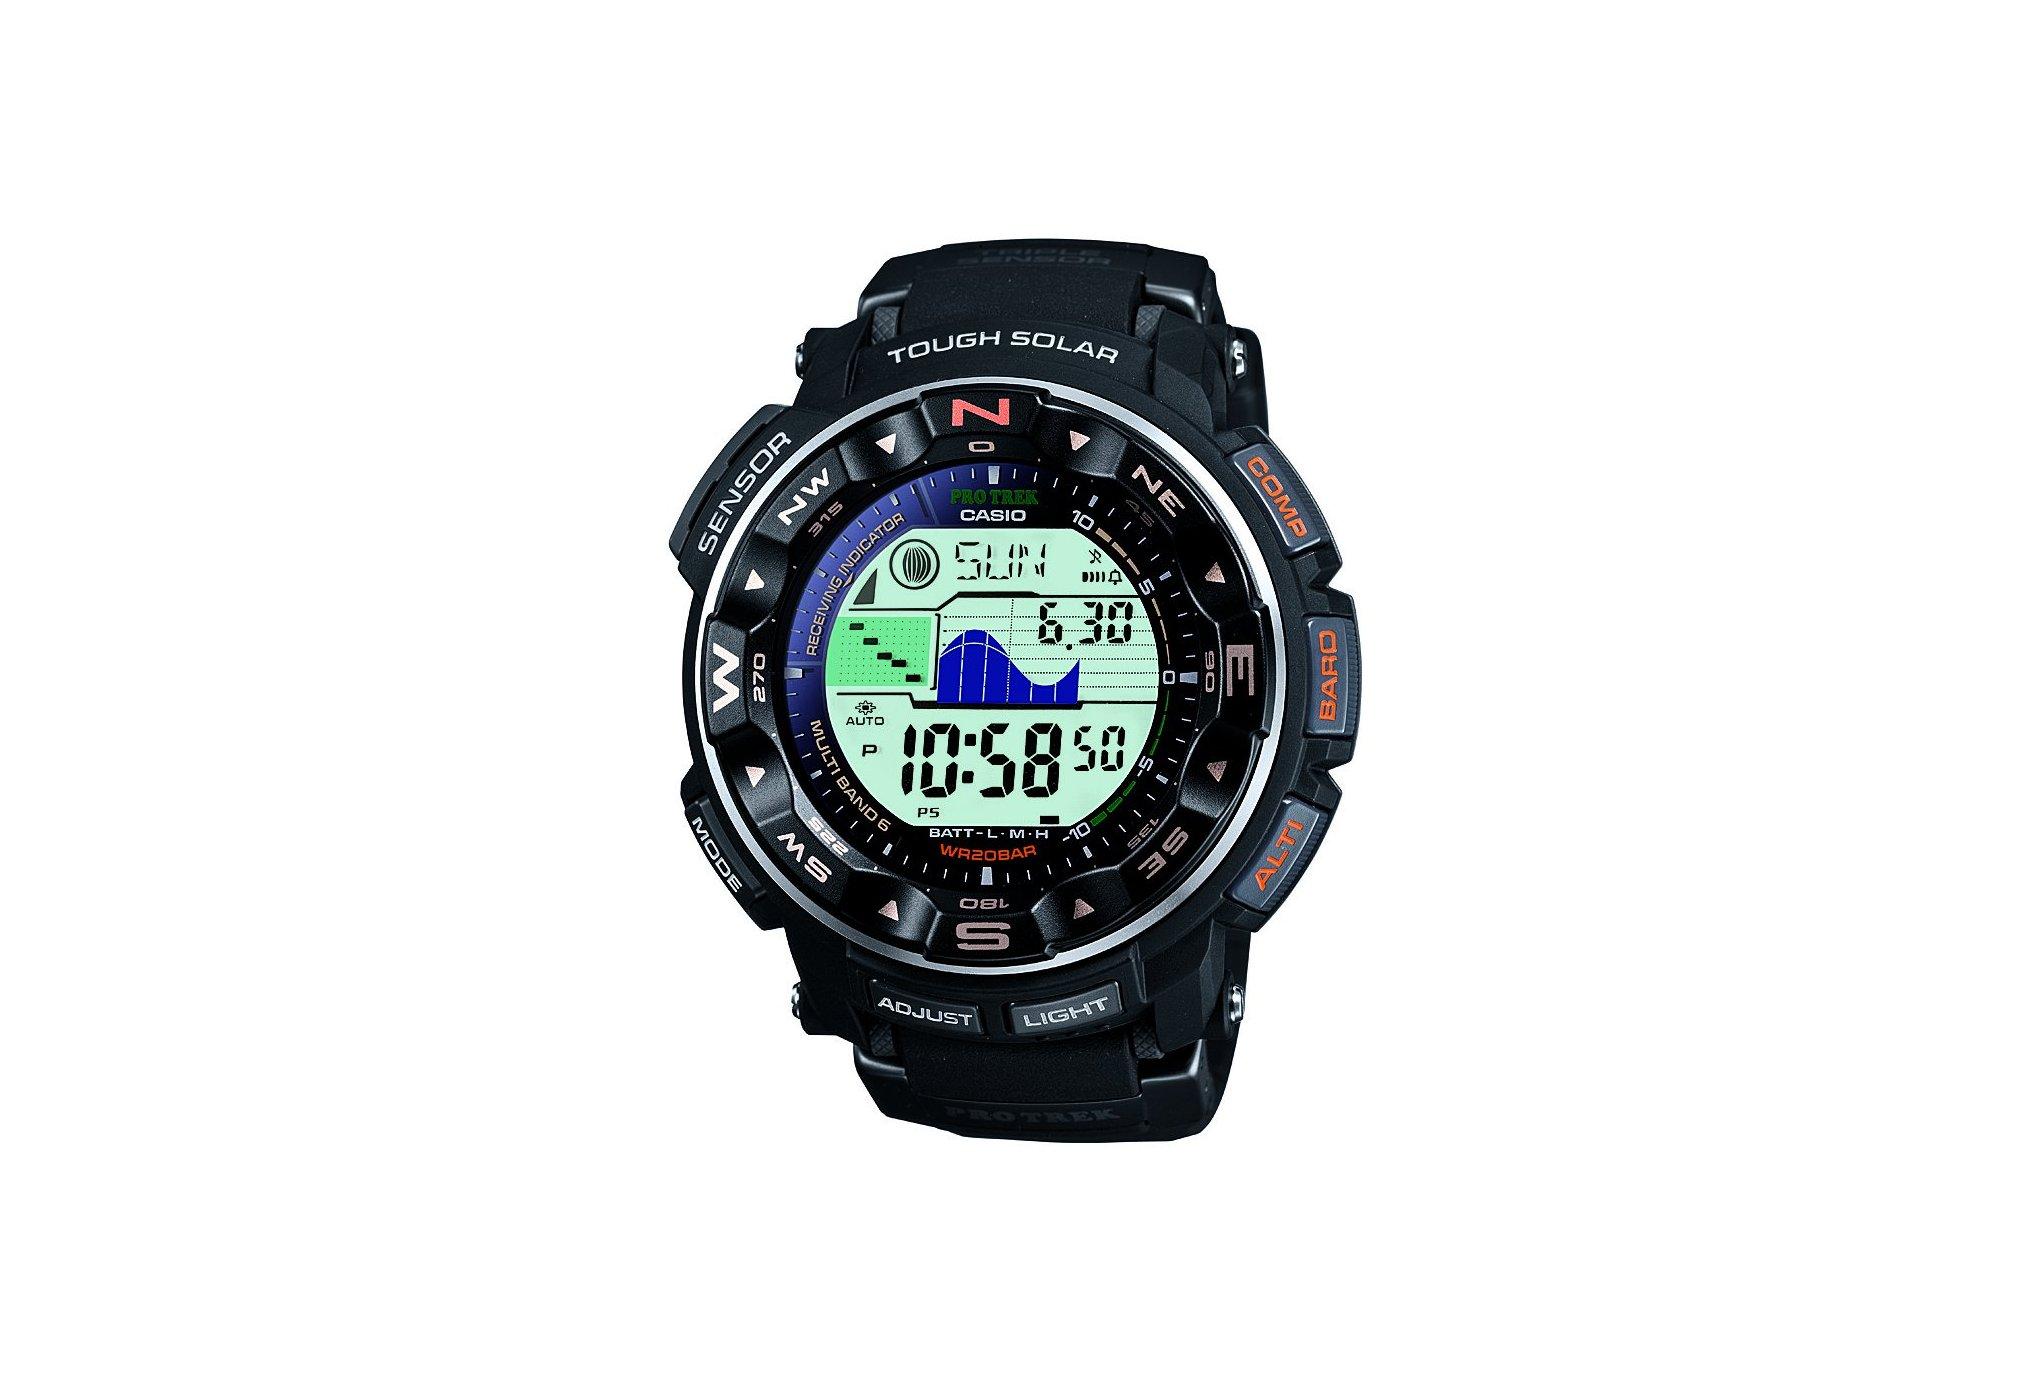 Casio Prw-2500 montres de sport